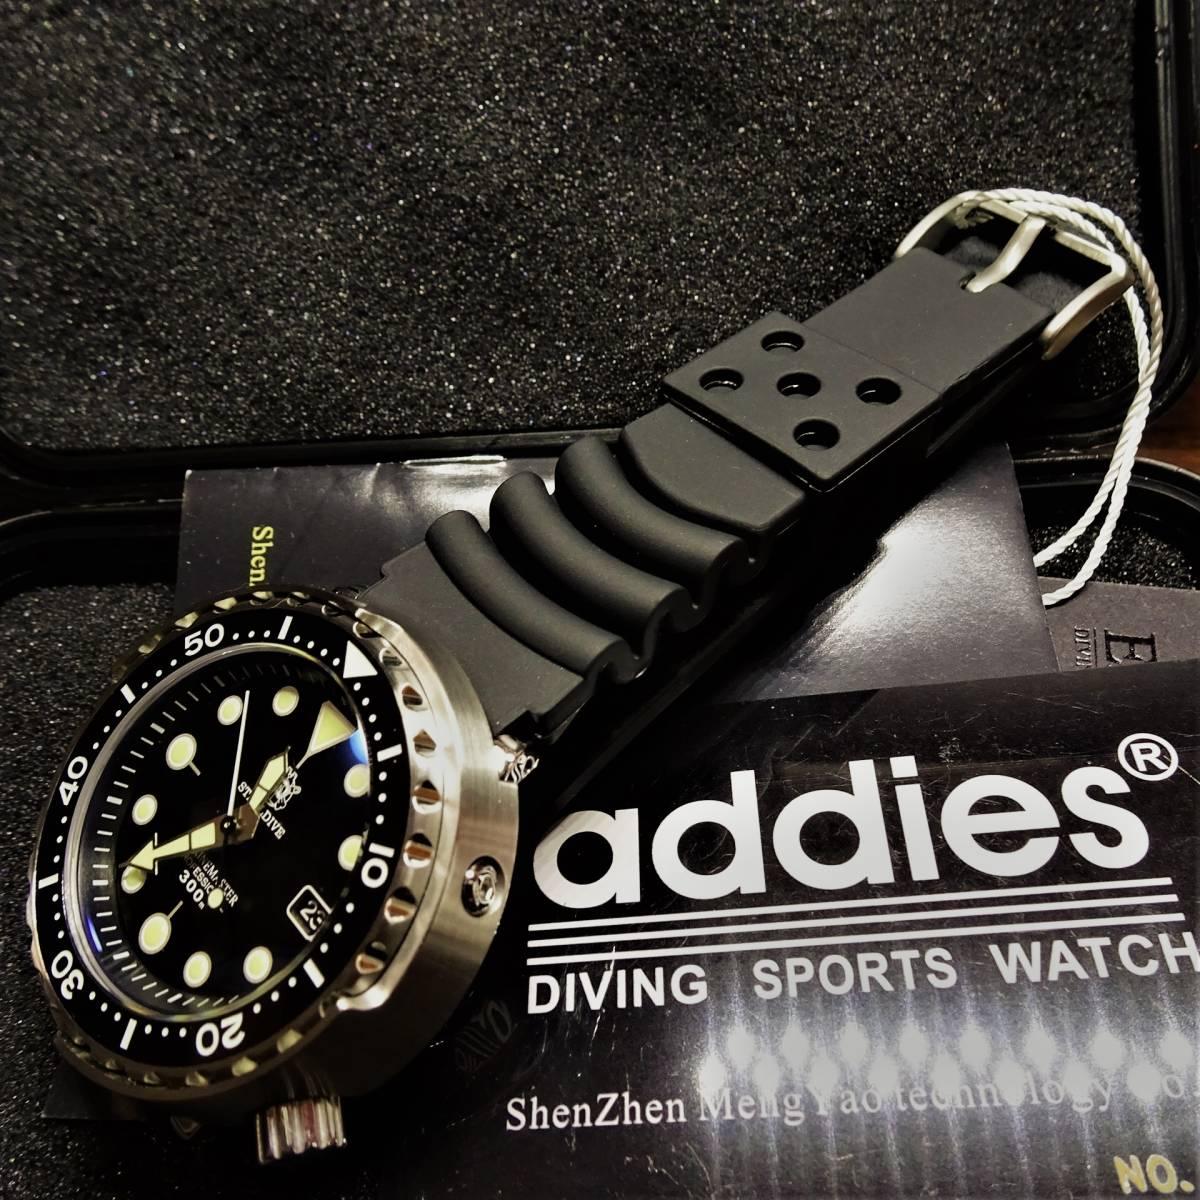 〓新品〓自動巻きNH35ムーブメント搭載機械式腕時計人気ダイバープロフェッショナルモデル〓セラミックベゼルOEMモデルウレタンベルト